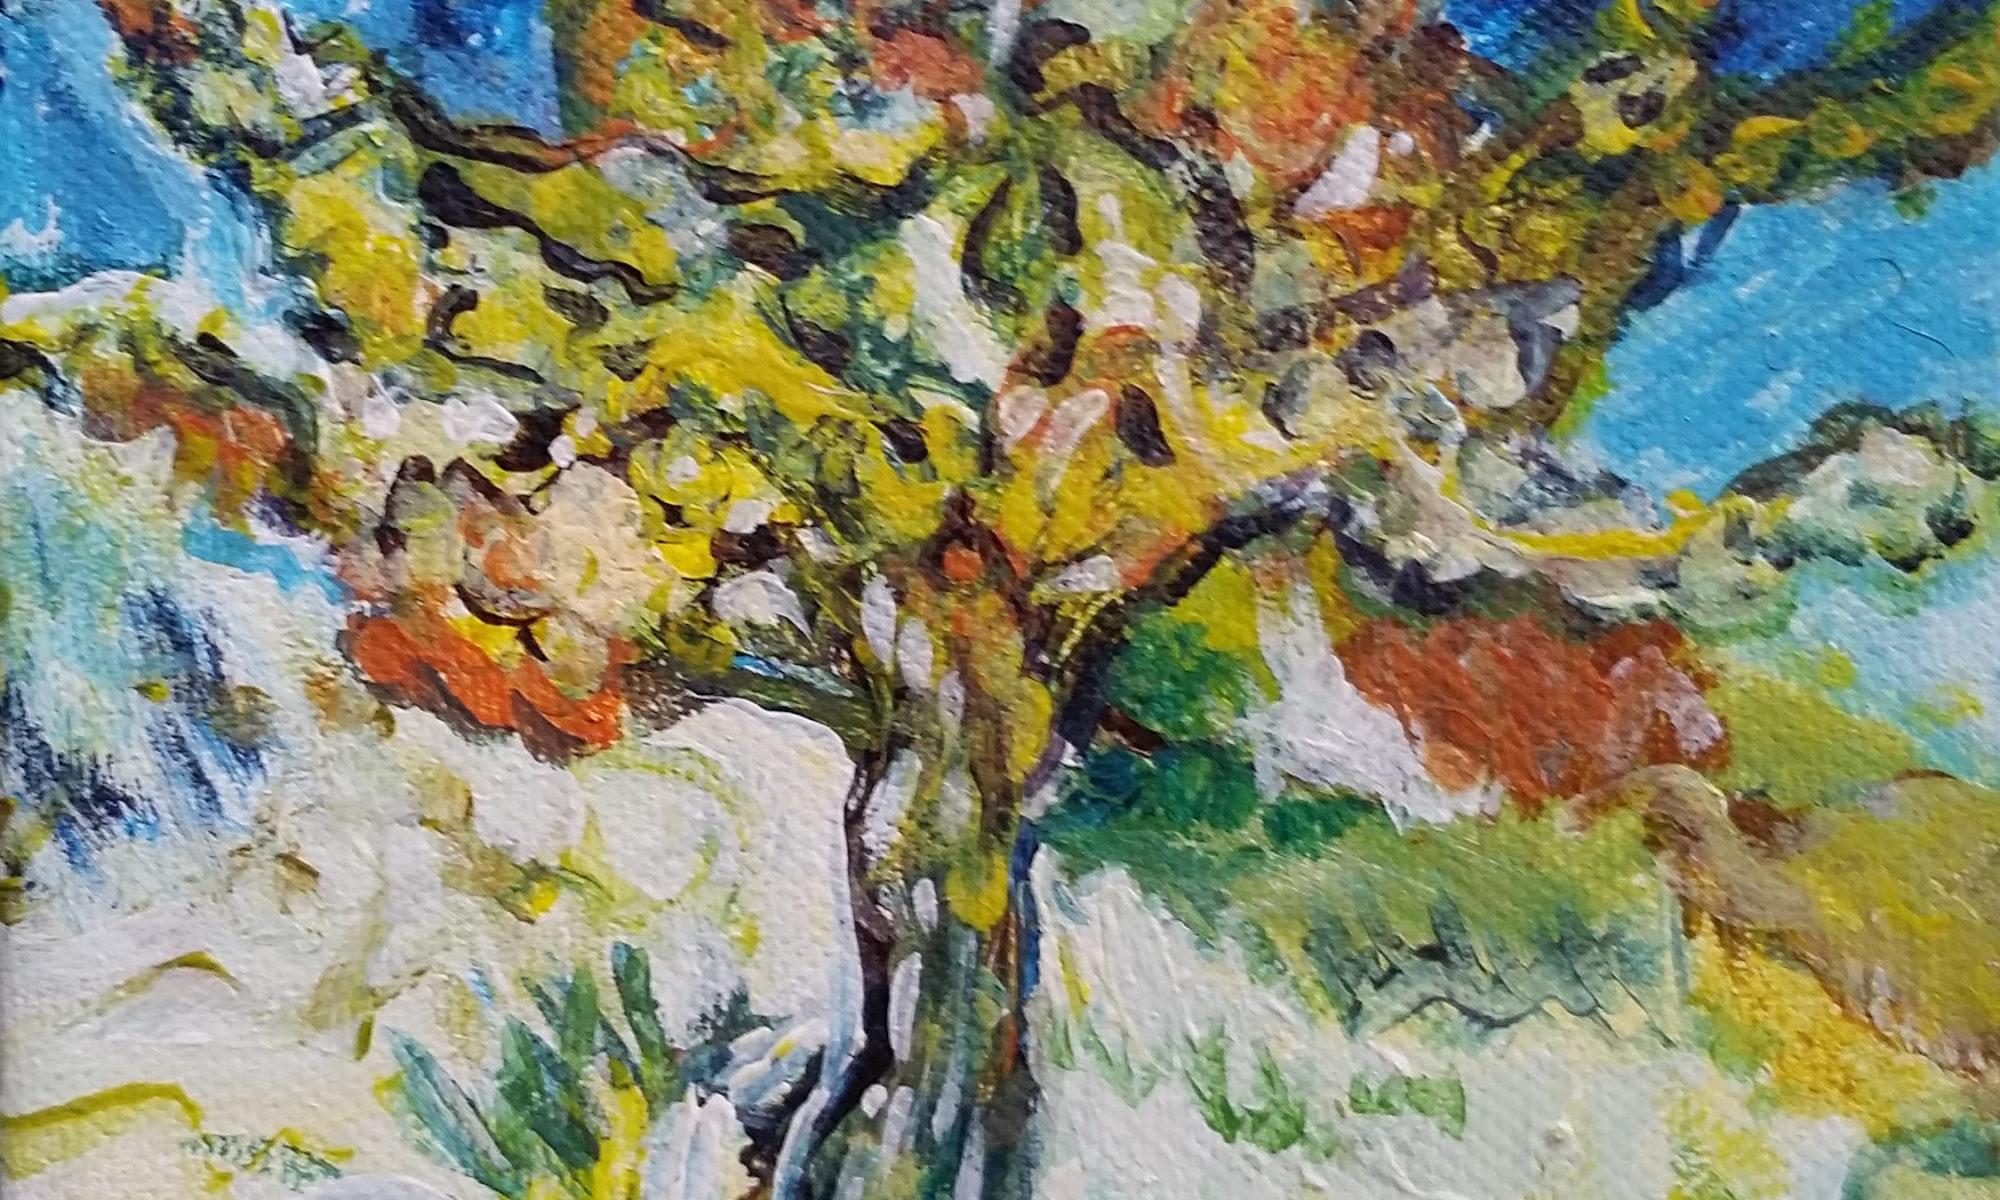 Van Gogh study by April Hoff